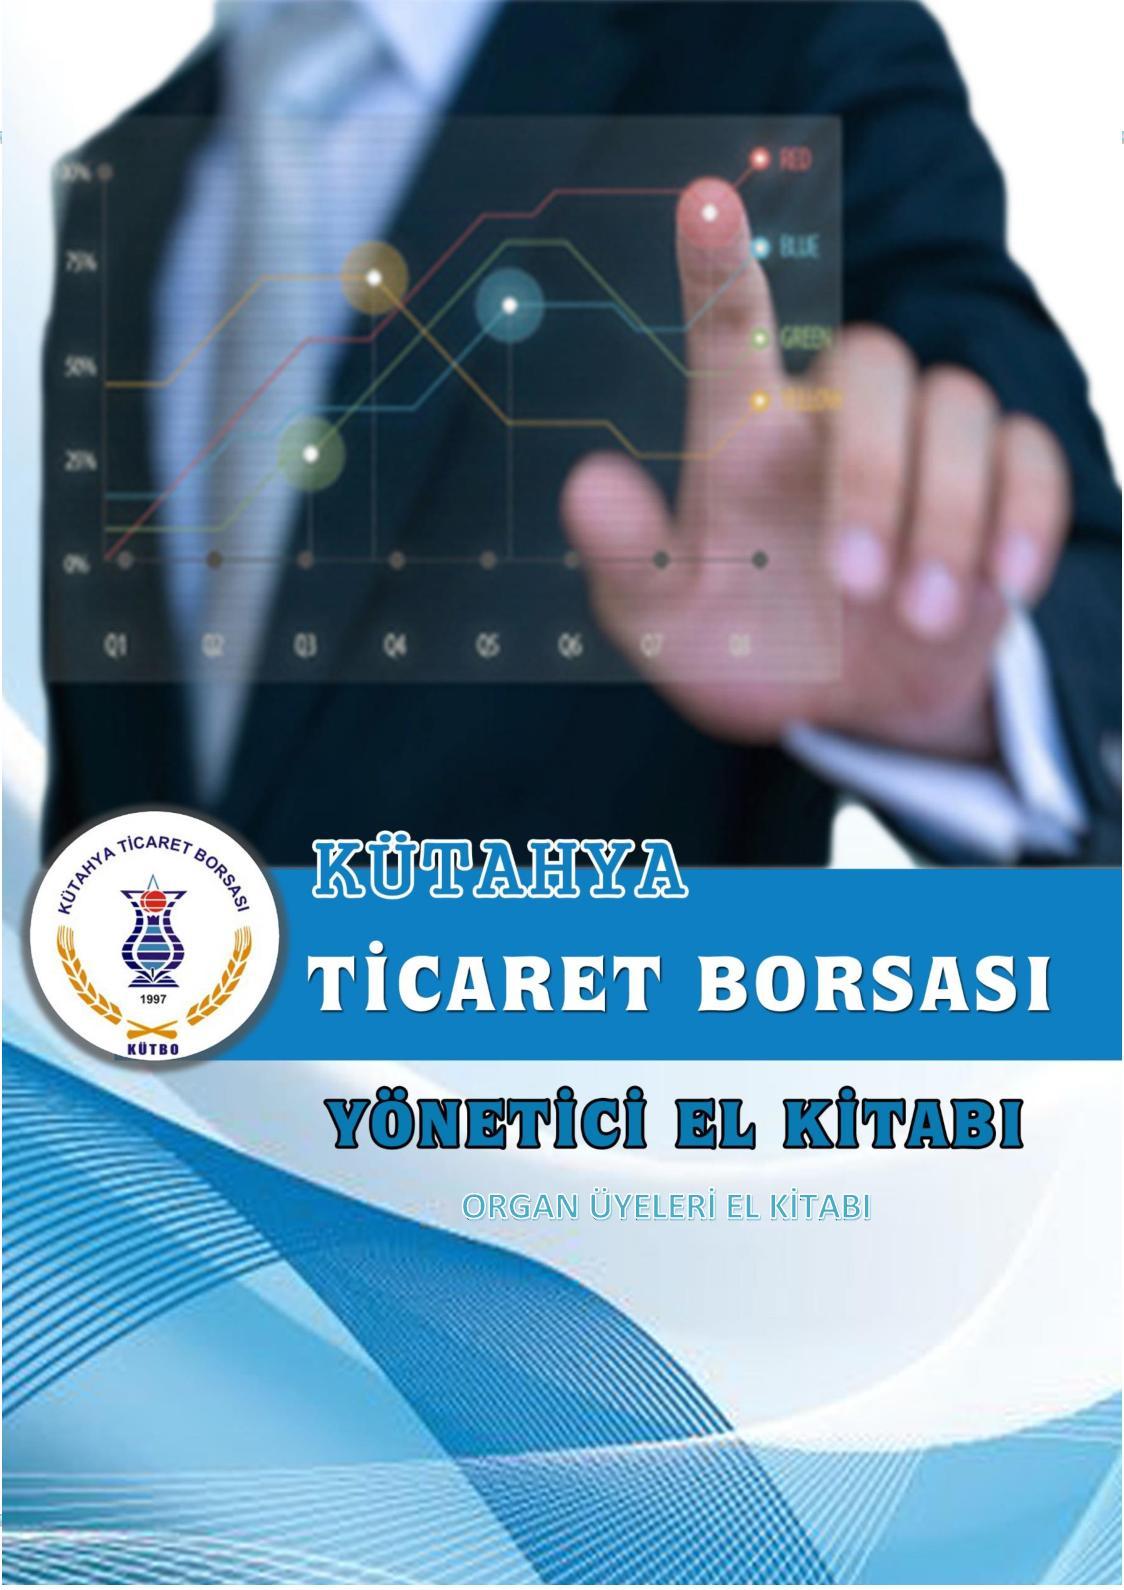 Dış ticaret faaliyetlerinde lider kuruluşlar için satın alımlar kitabı